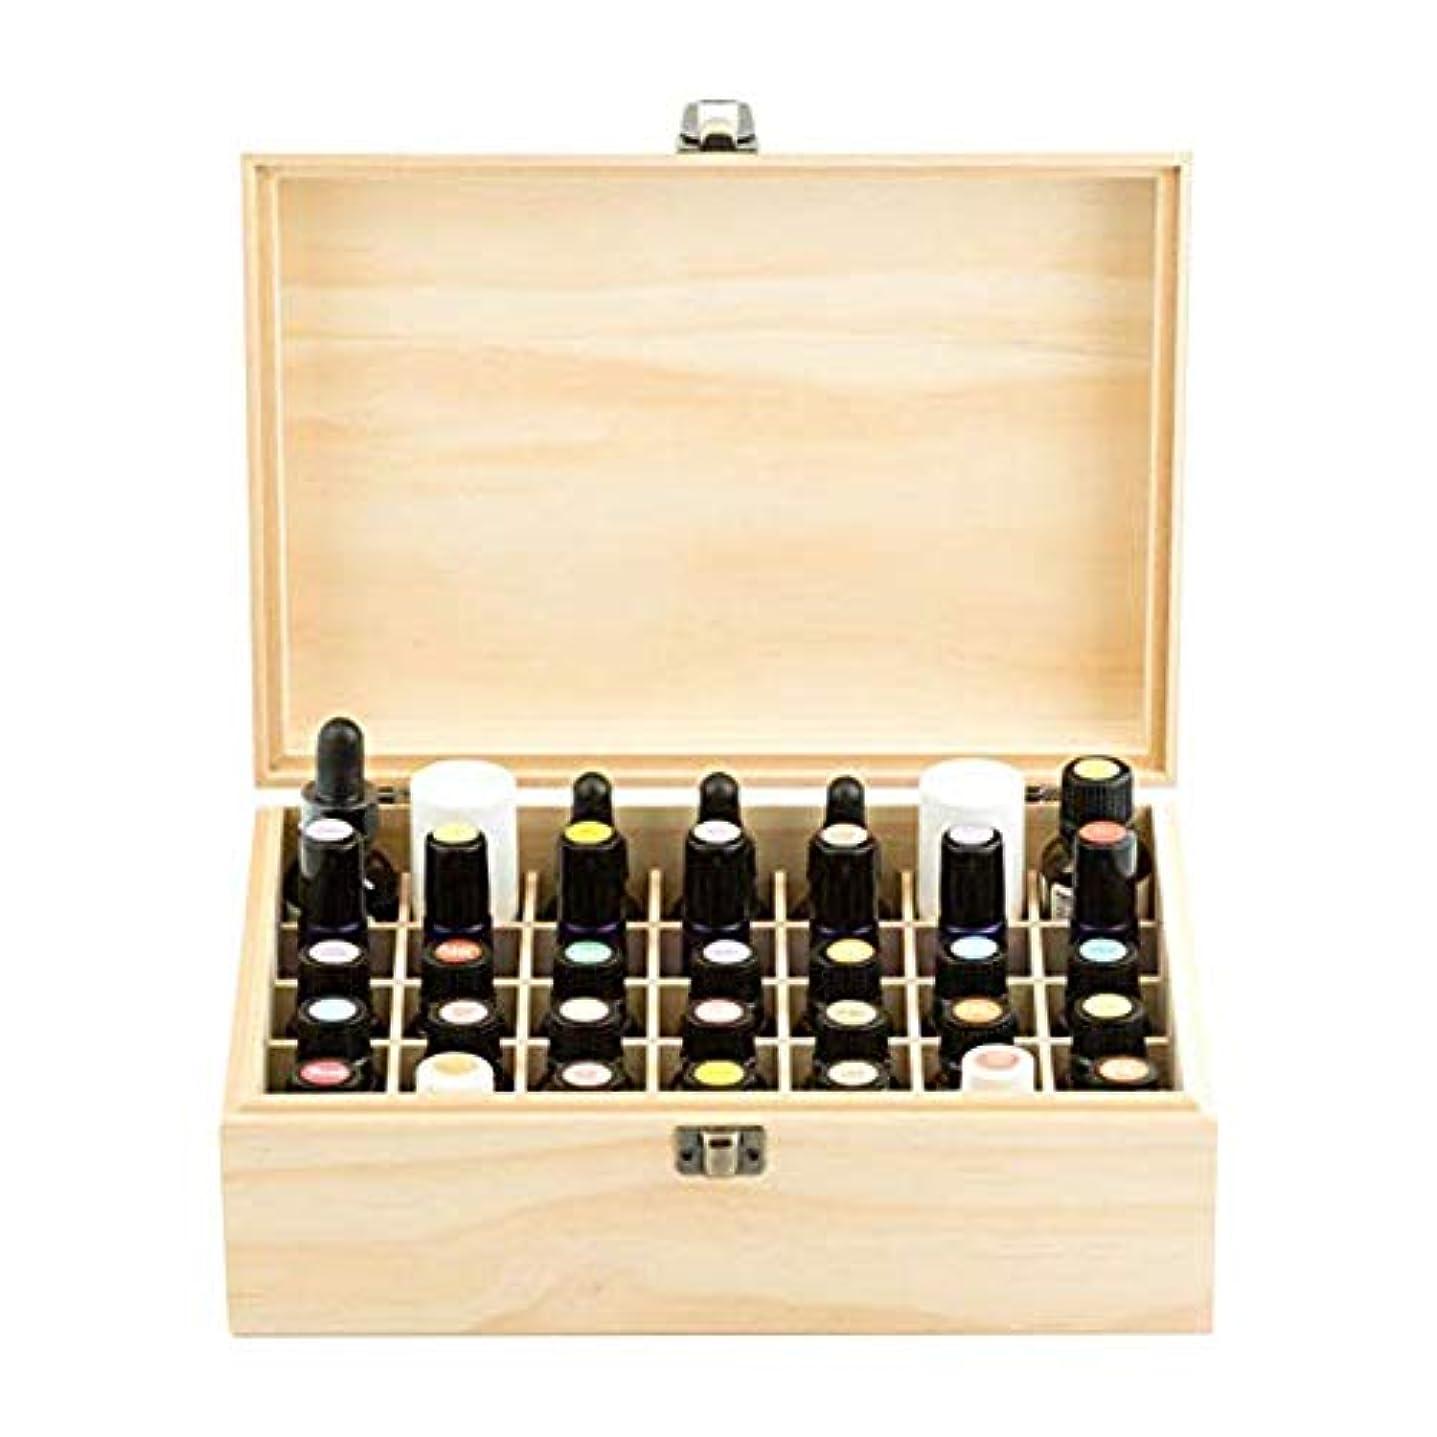 ストレスの多い二年生内側精油収納ケース エッセンシャルオイル収納ボックス 木製 コンパートメント木箱 35本入り 5ml?10ml?15mlのボルトに適用 junexi